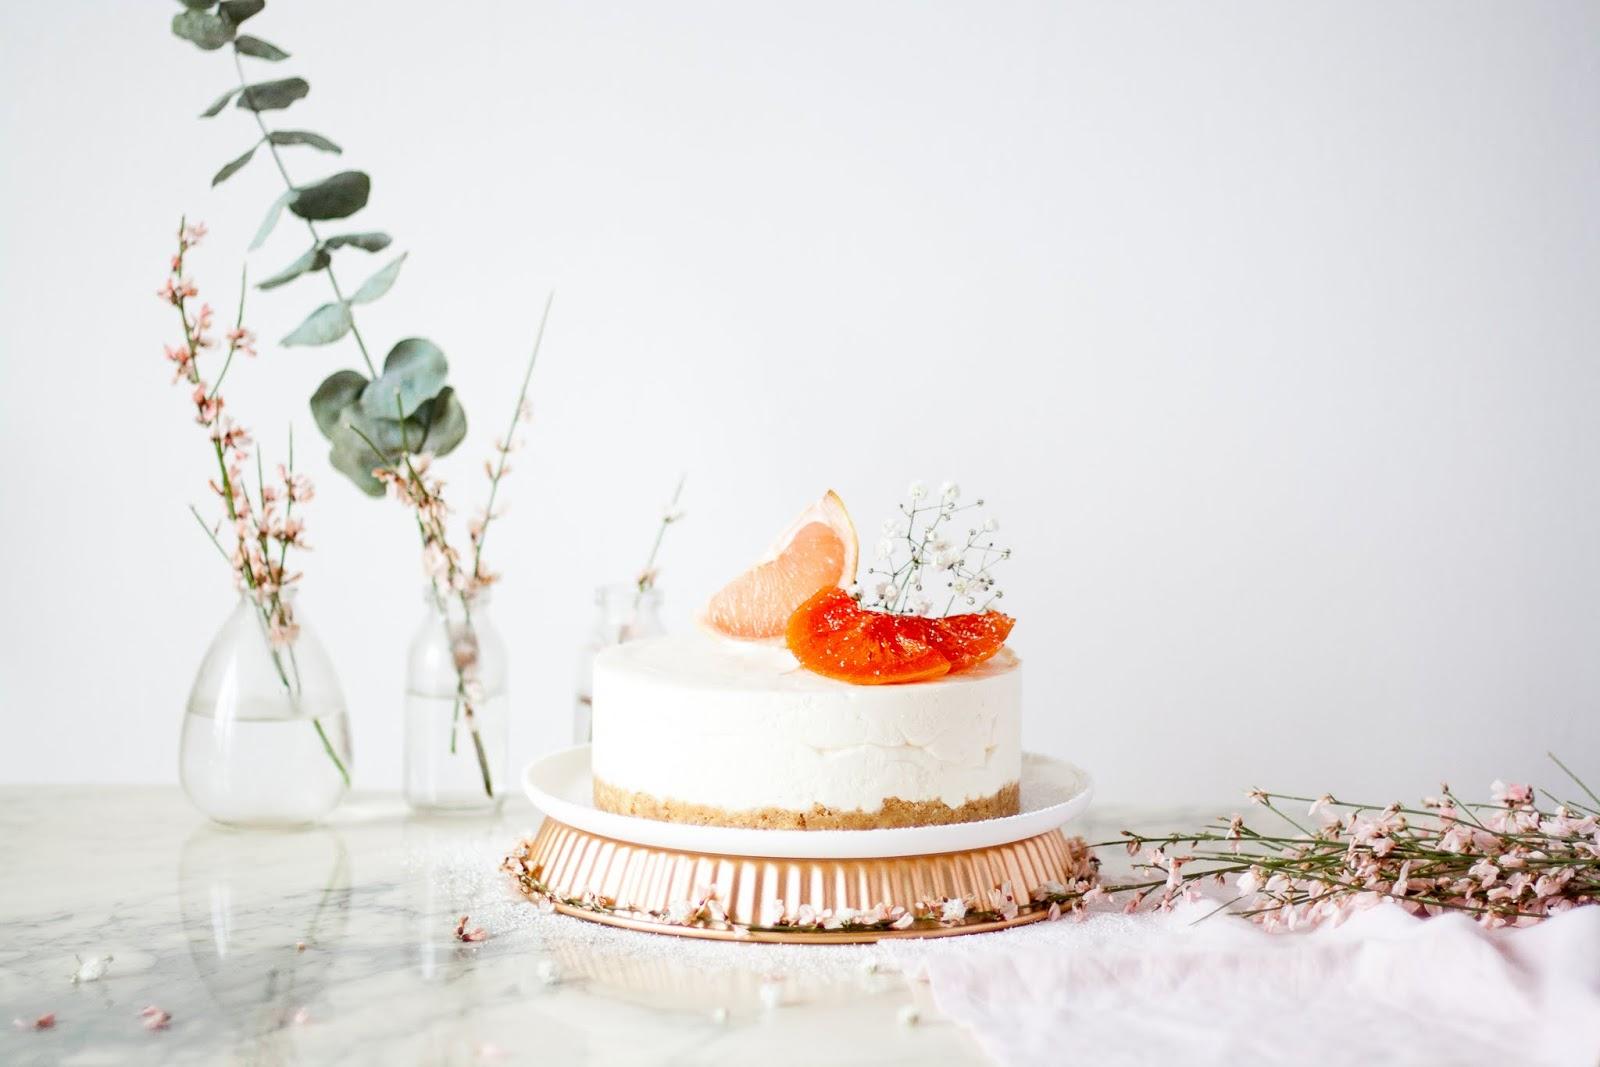 Cheesecake sans cuisson et curd de Pamplemousse de Floride - Lauret Ophelie 1-20.jpeg